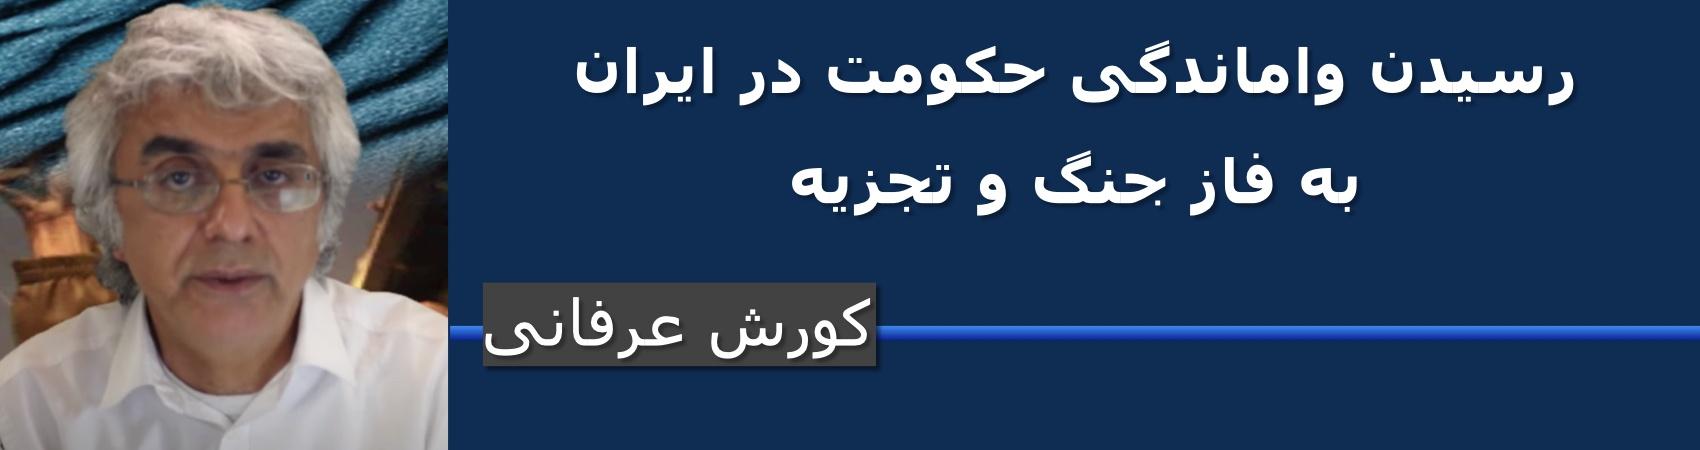 رسیدن واماندگی حکومت در ایران به فاز جنگ و تجزیه